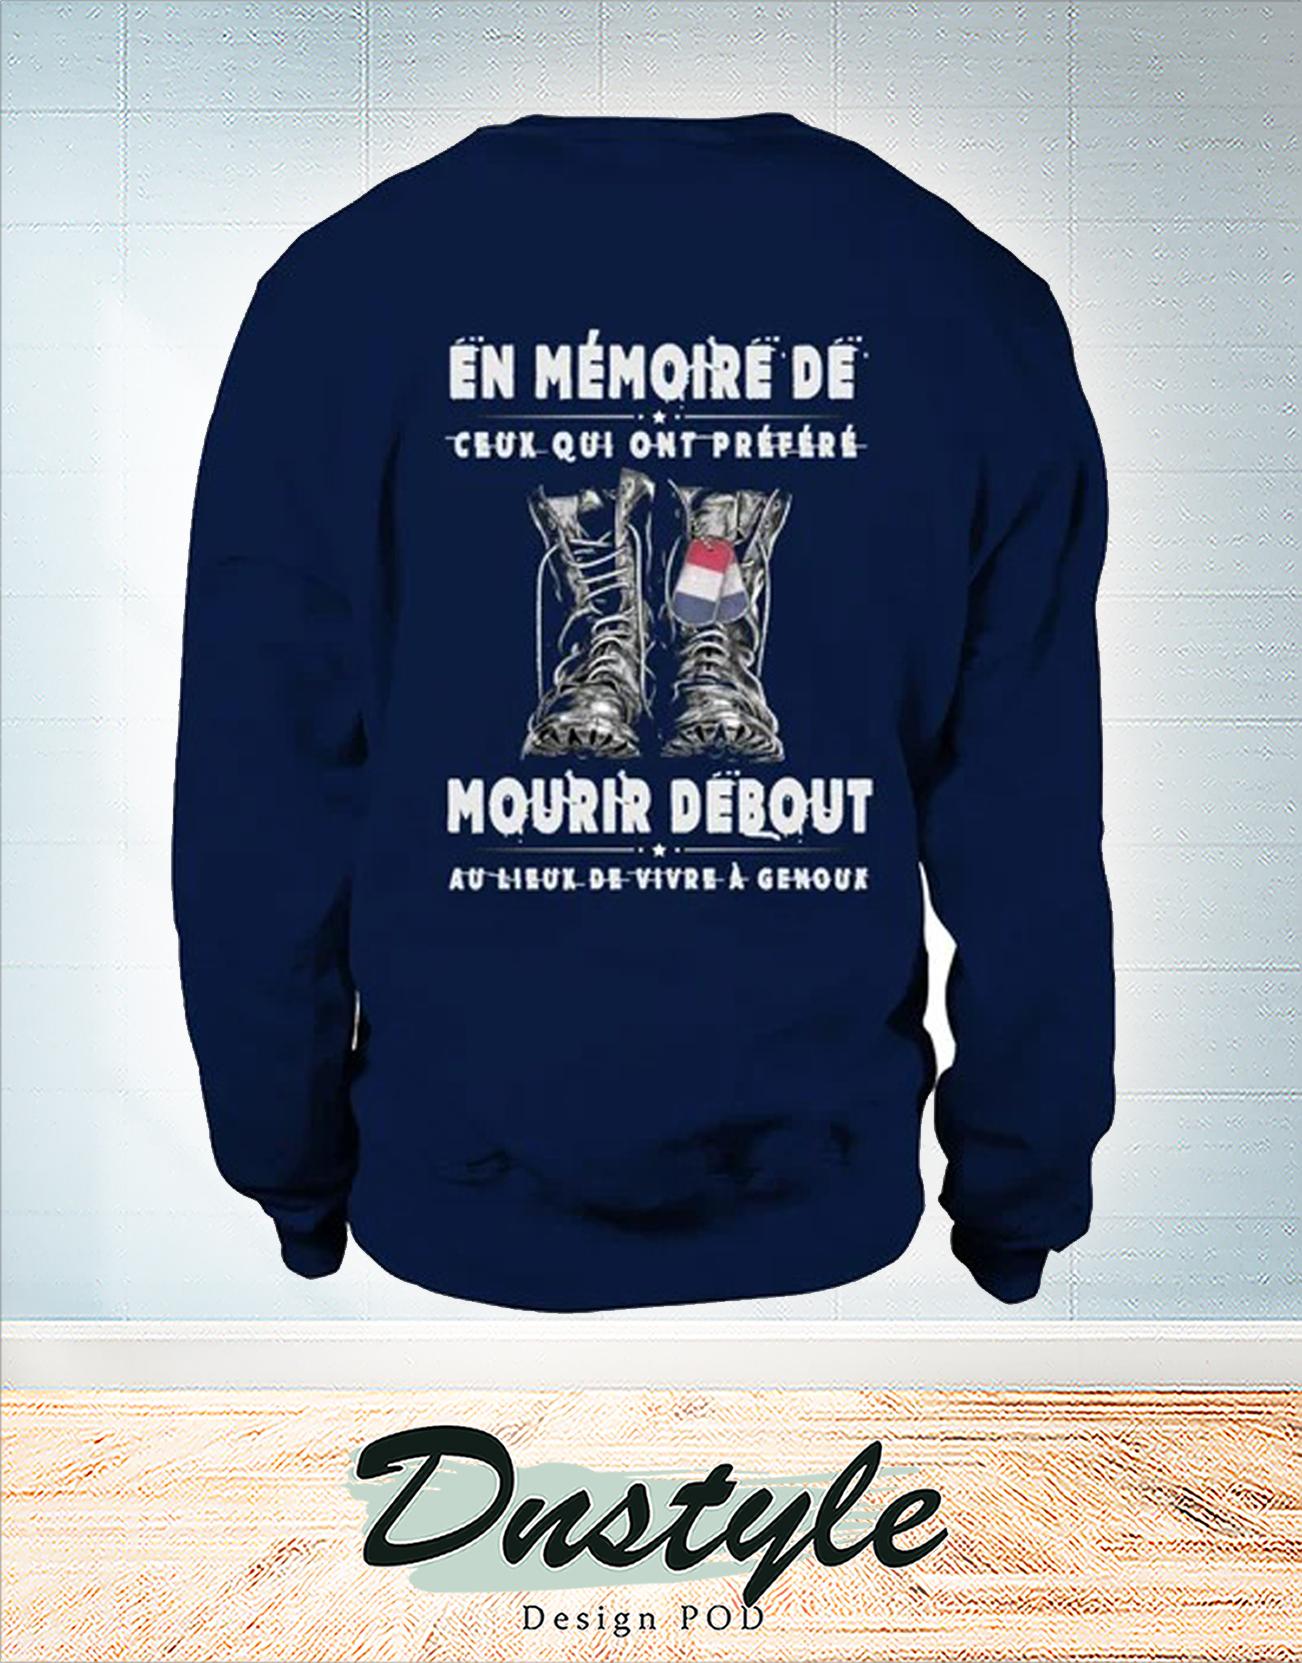 En mémoire de ceux qui nous ont préféré mourir debout sweatshirt